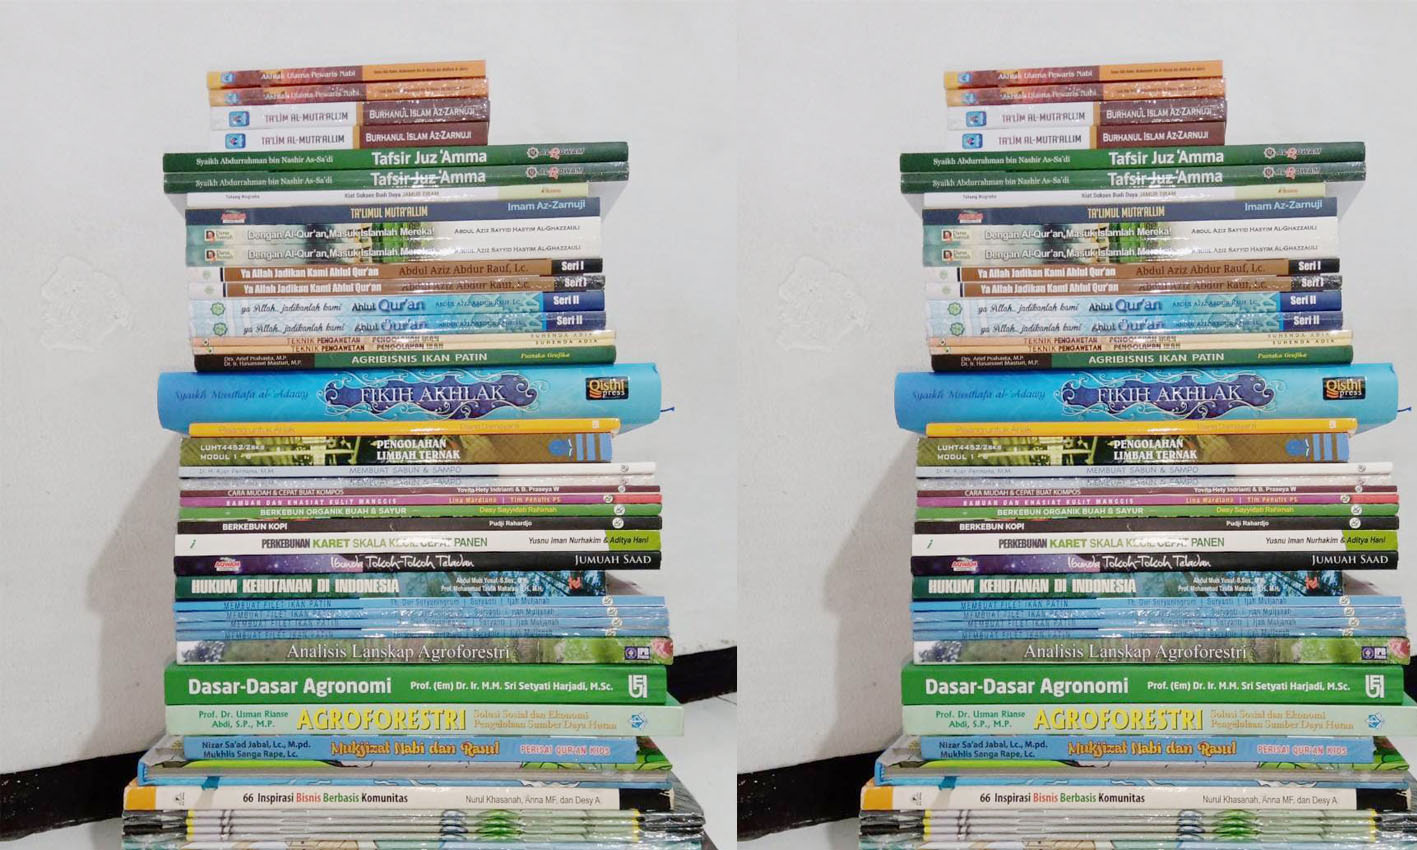 30 Judul Buku Baru untuk Koleksi Perpustakaan Pandai Membaca Nanga Lauk